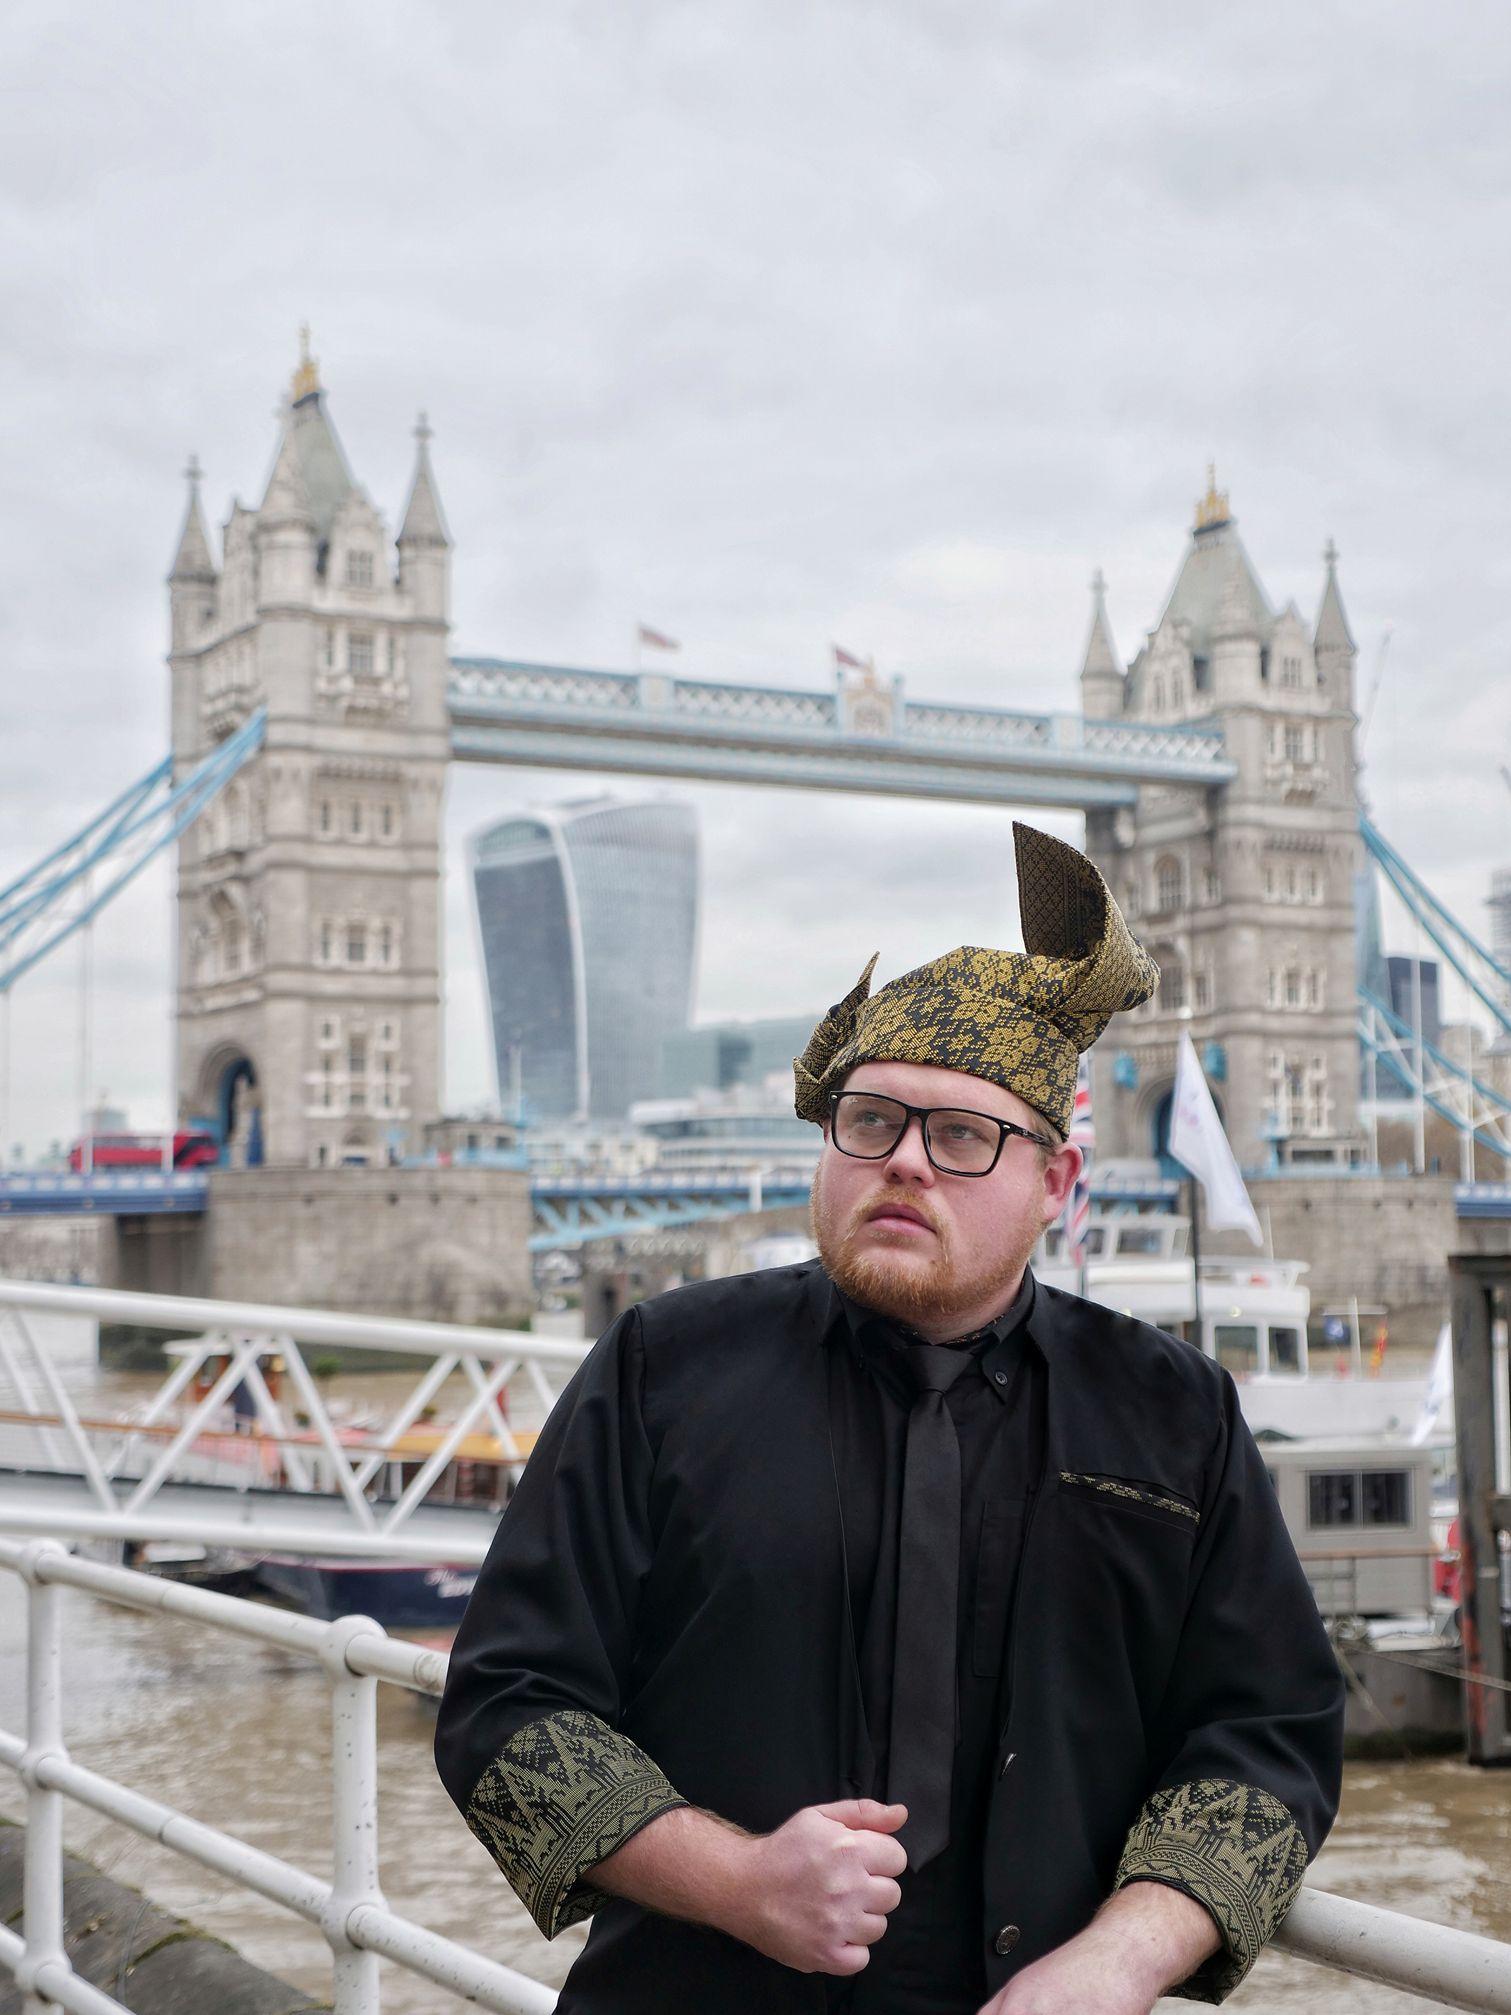 Mat Salleh bertanjak kemas di Kota London.